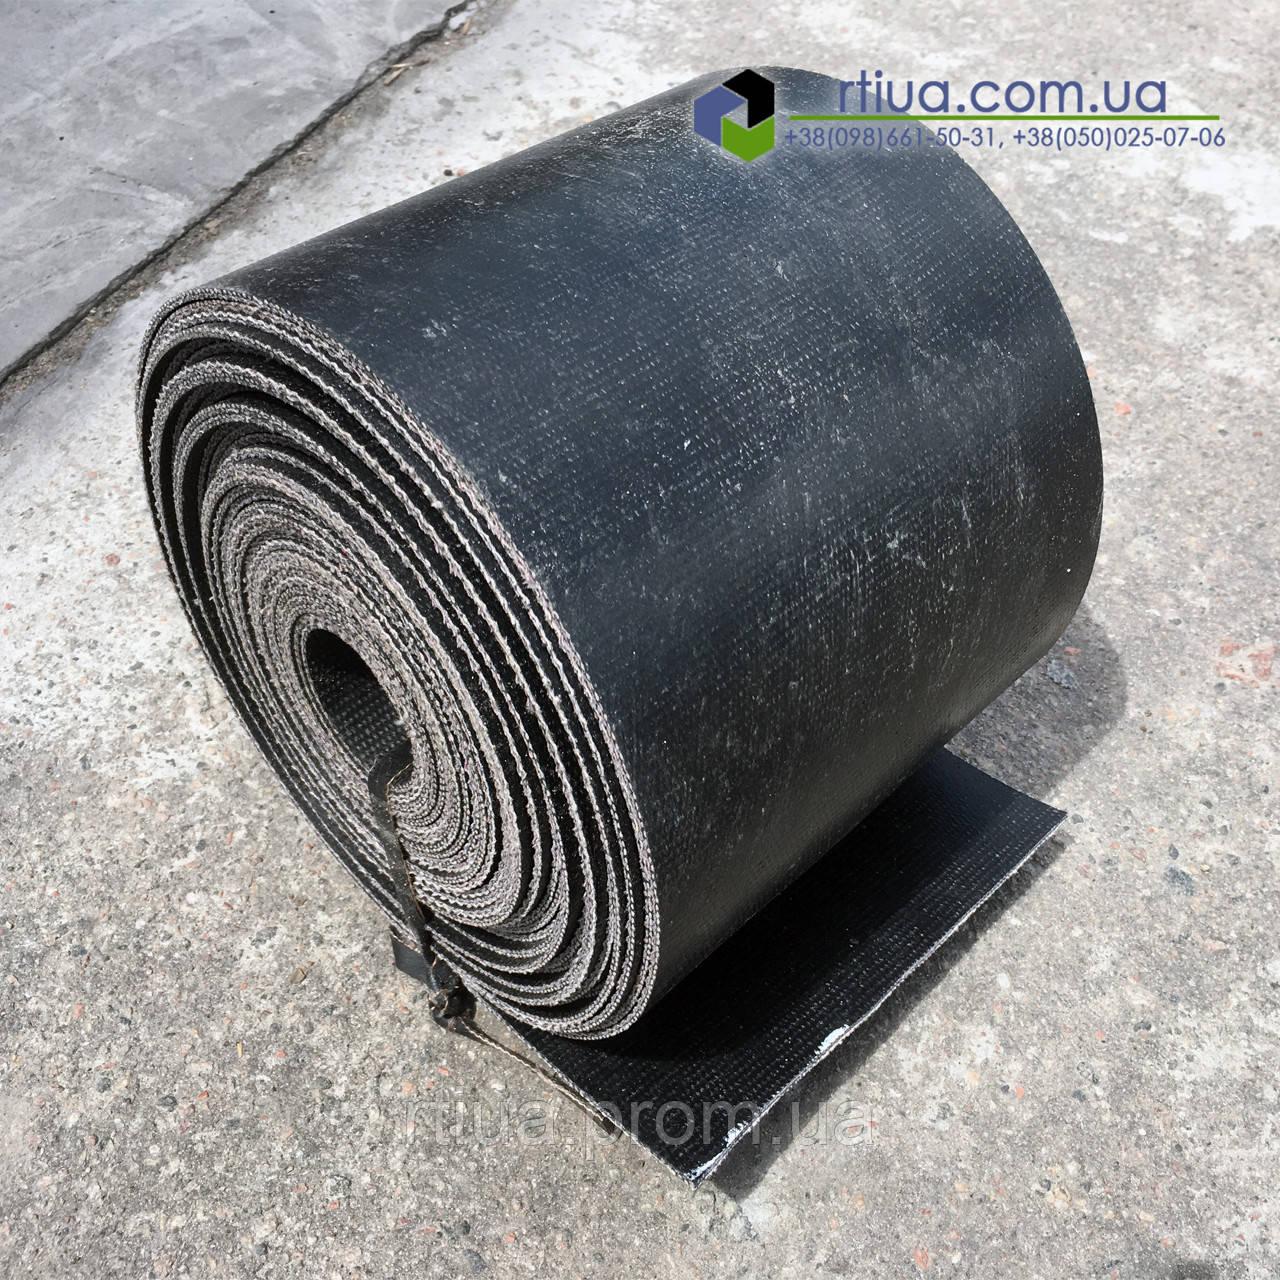 Транспортерная лента БКНЛ, 125х4 мм